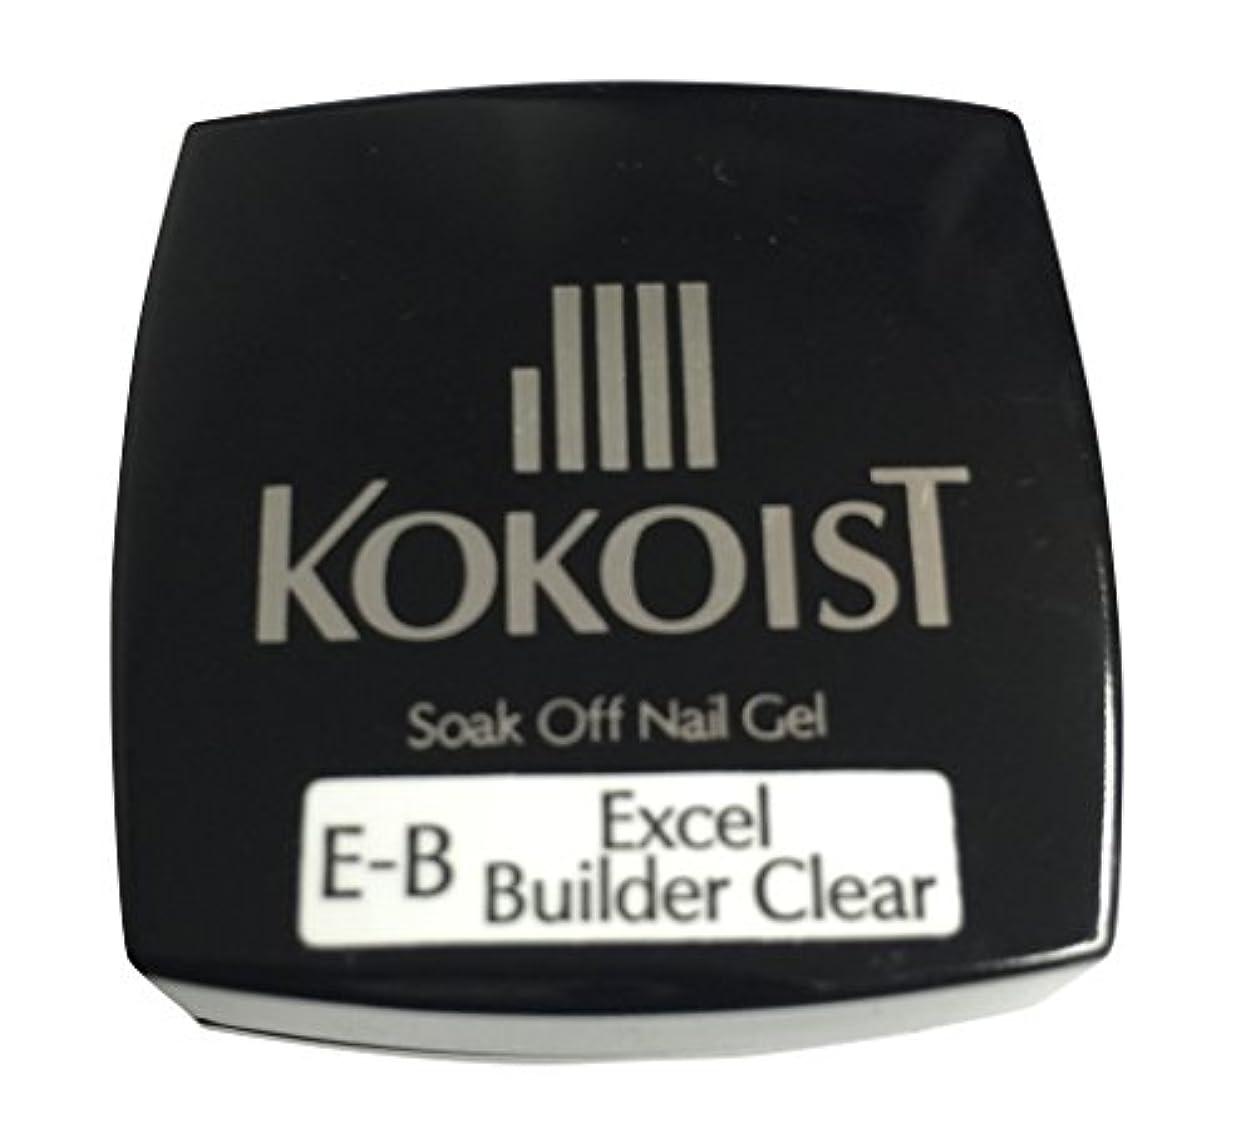 通常外科医コーチKOKOIST(ココイスト) ソークオフクリアジェル エクセルビルダー  4g